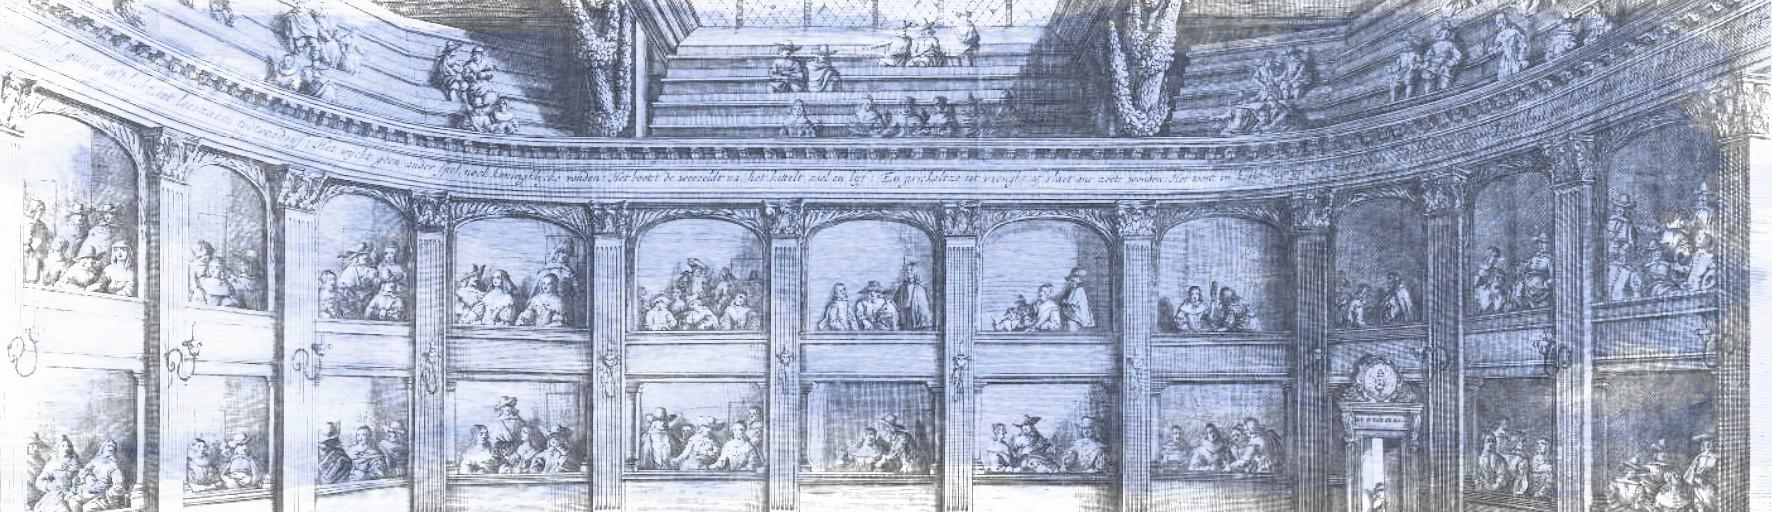 https://www.rijksmuseum.nl/nl/zoeken/objecten?q=schouwburg&p=1&ps=12&st=OBJECTS&ii=1#/RP-P-OB-70.099,1